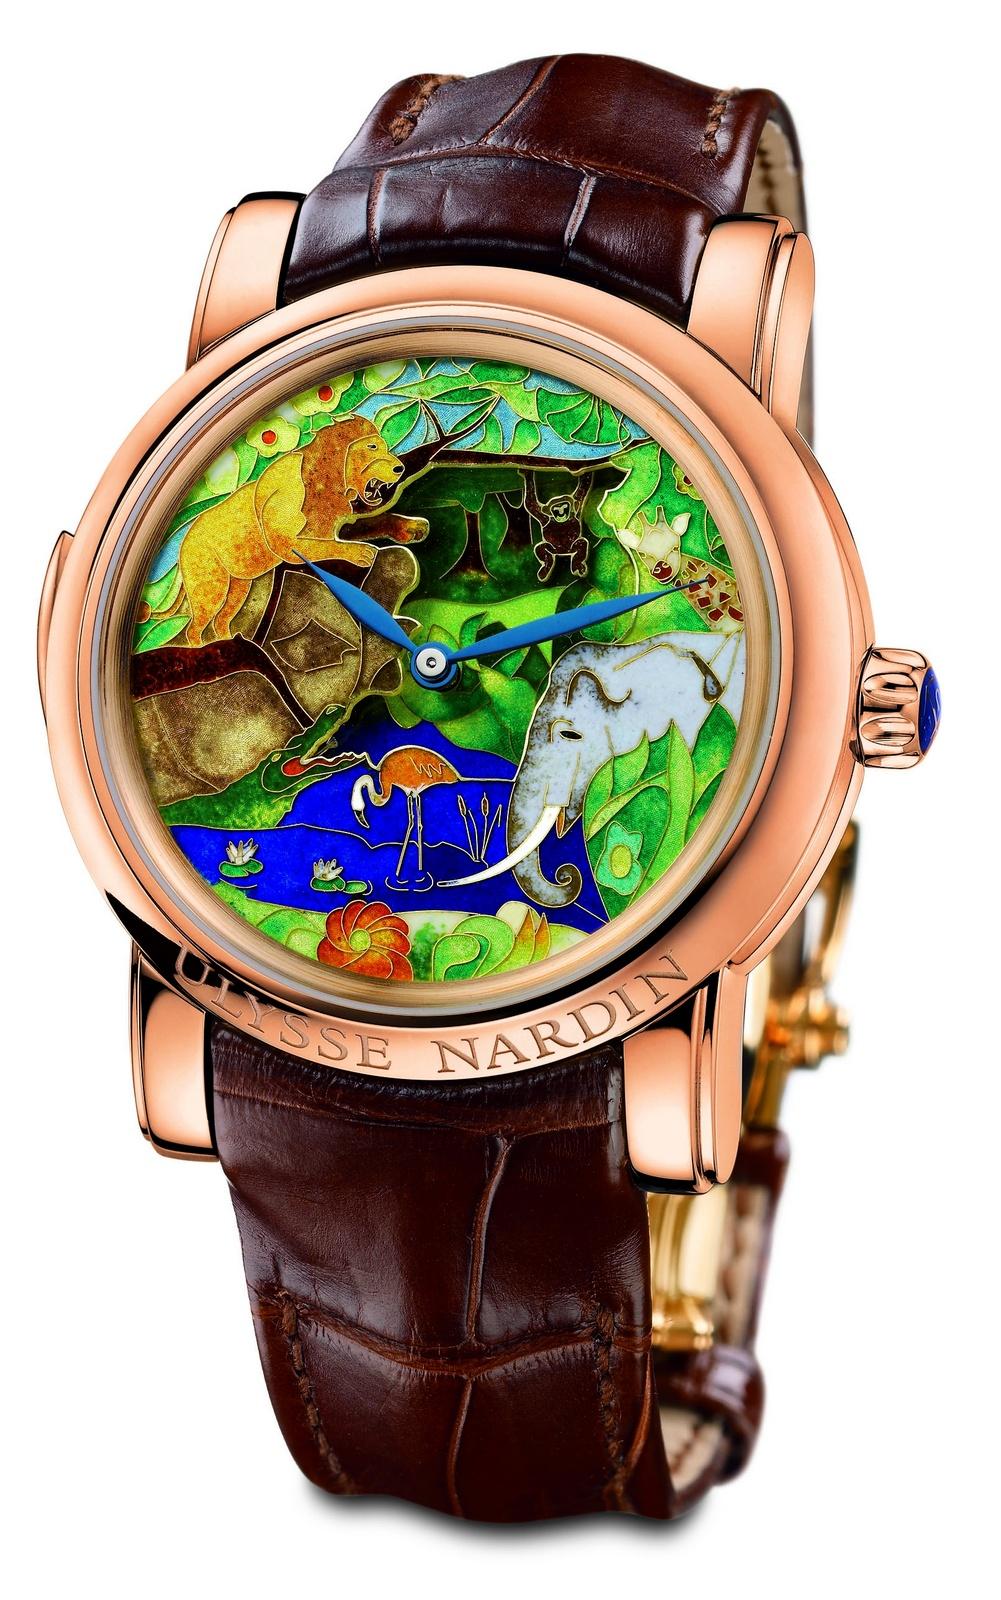 j 39 aime les montres la montre du jour ulysse nardin safari jaquemarts r p tition minutes. Black Bedroom Furniture Sets. Home Design Ideas